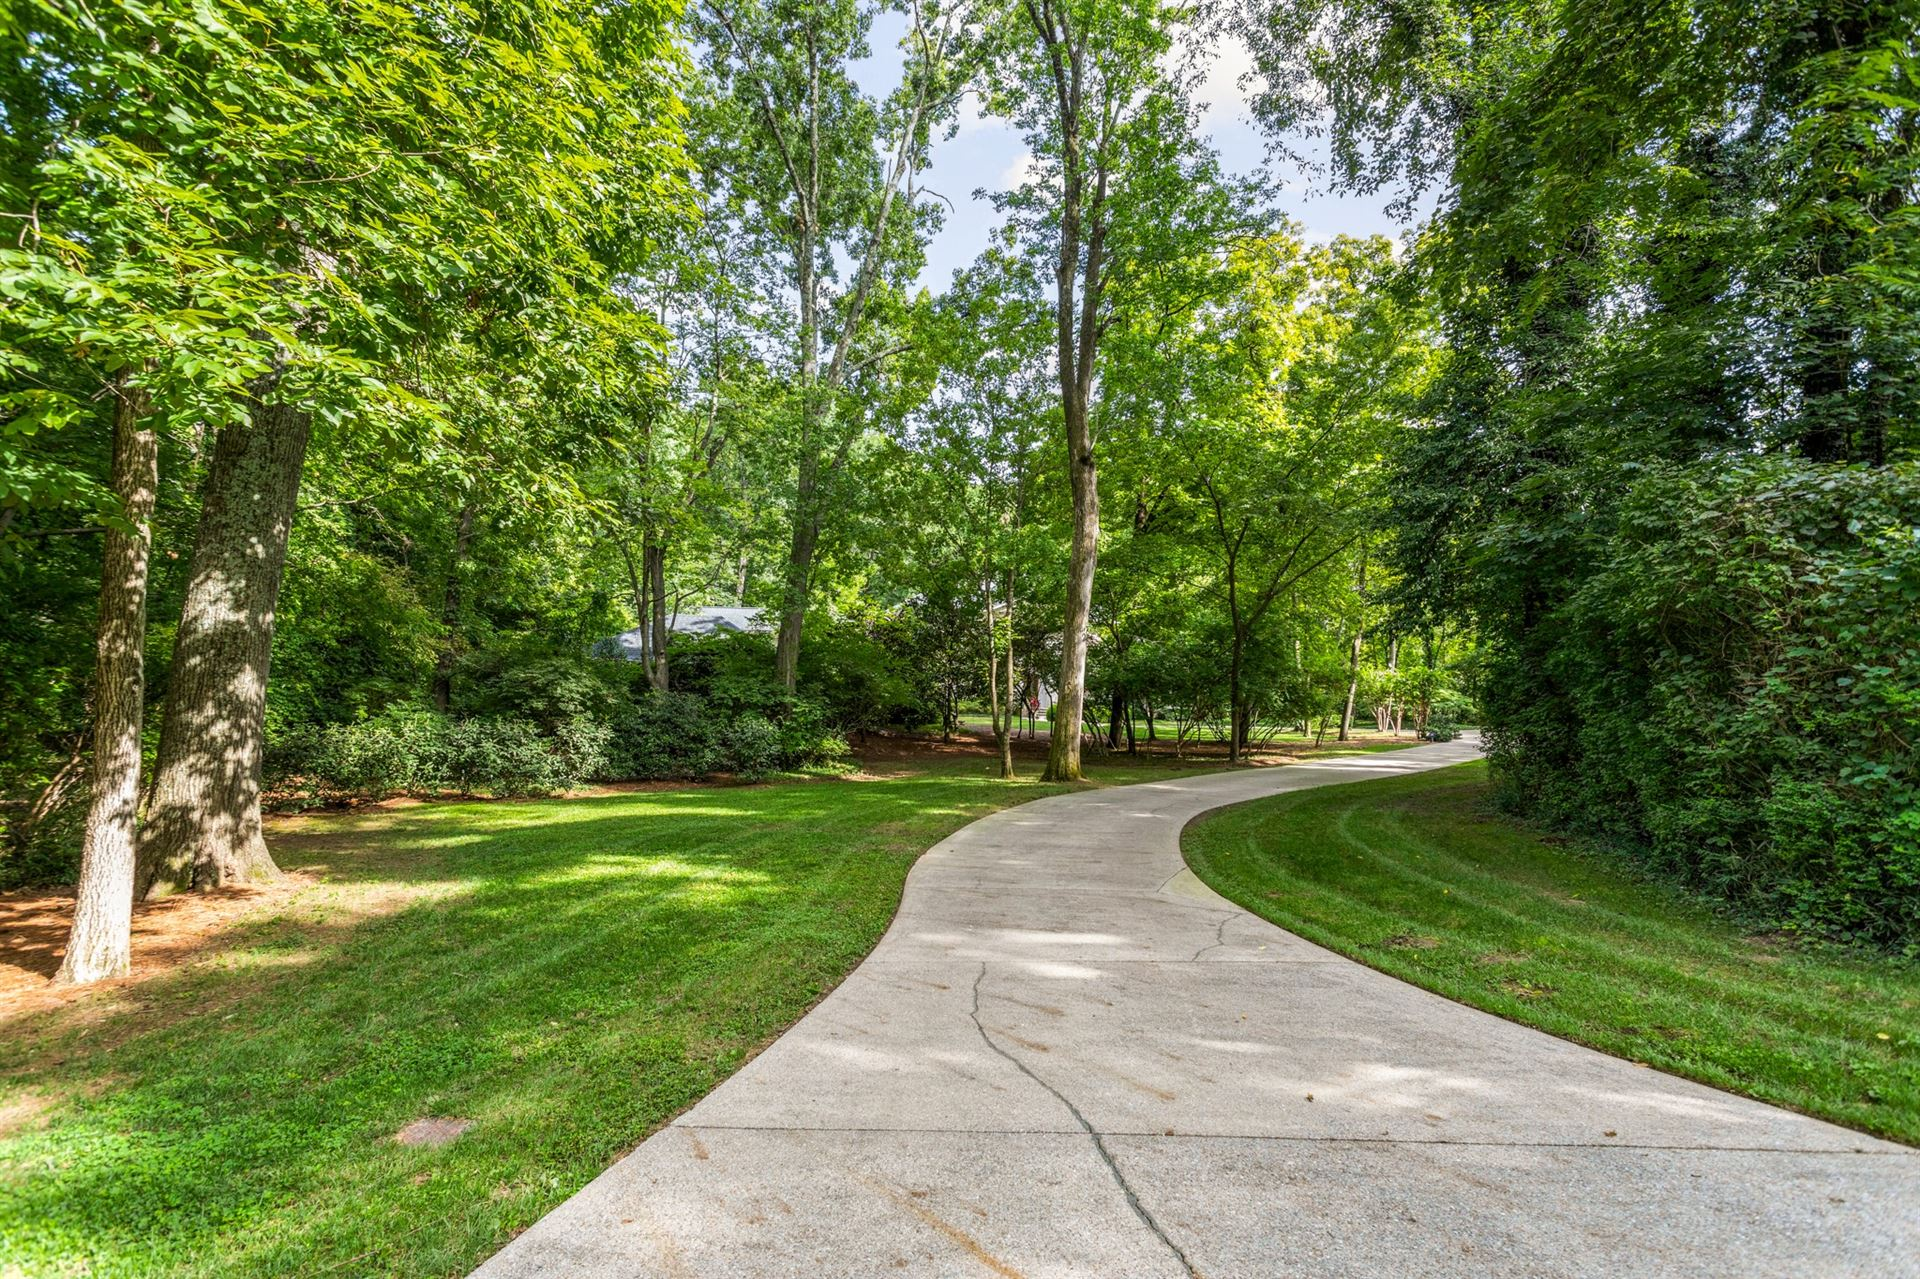 Photo of 909 Overton Lea Rd, Nashville, TN 37220 (MLS # 2194420)